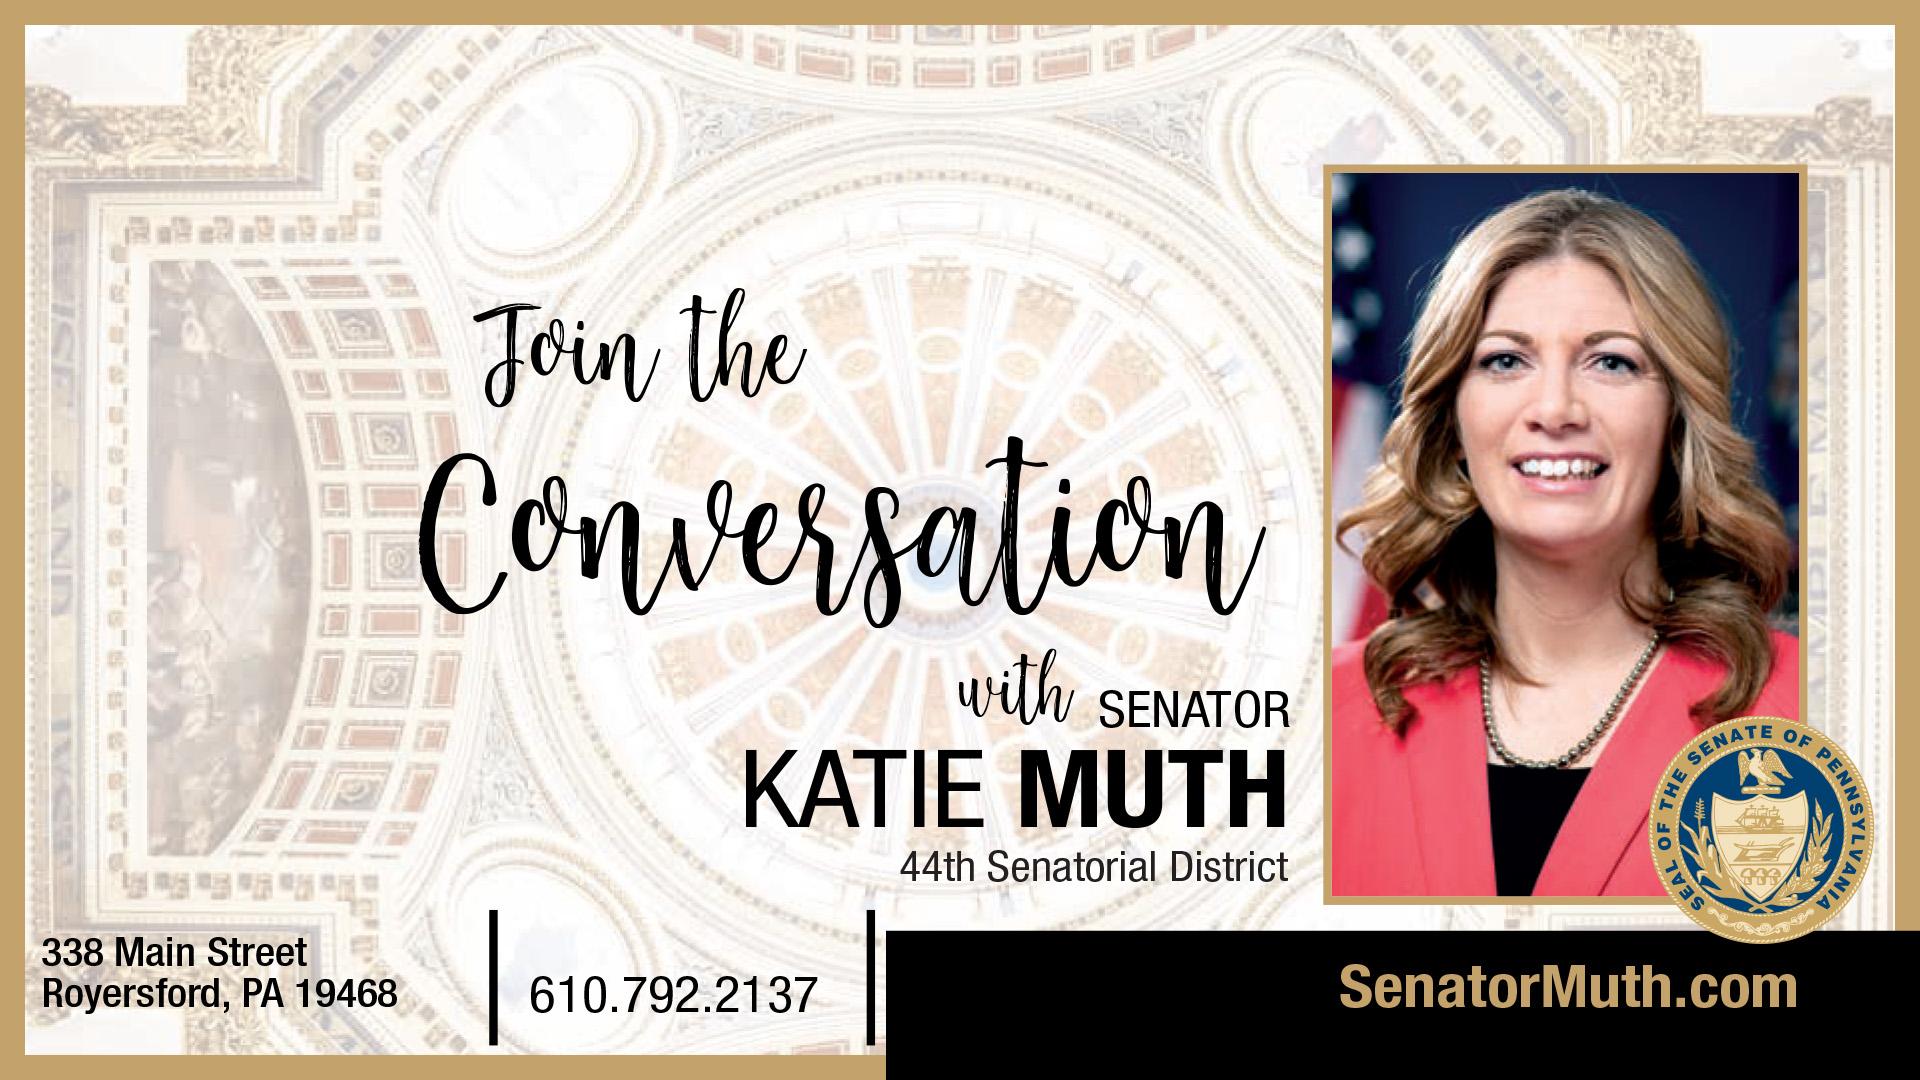 PA State Senator Katie Muth